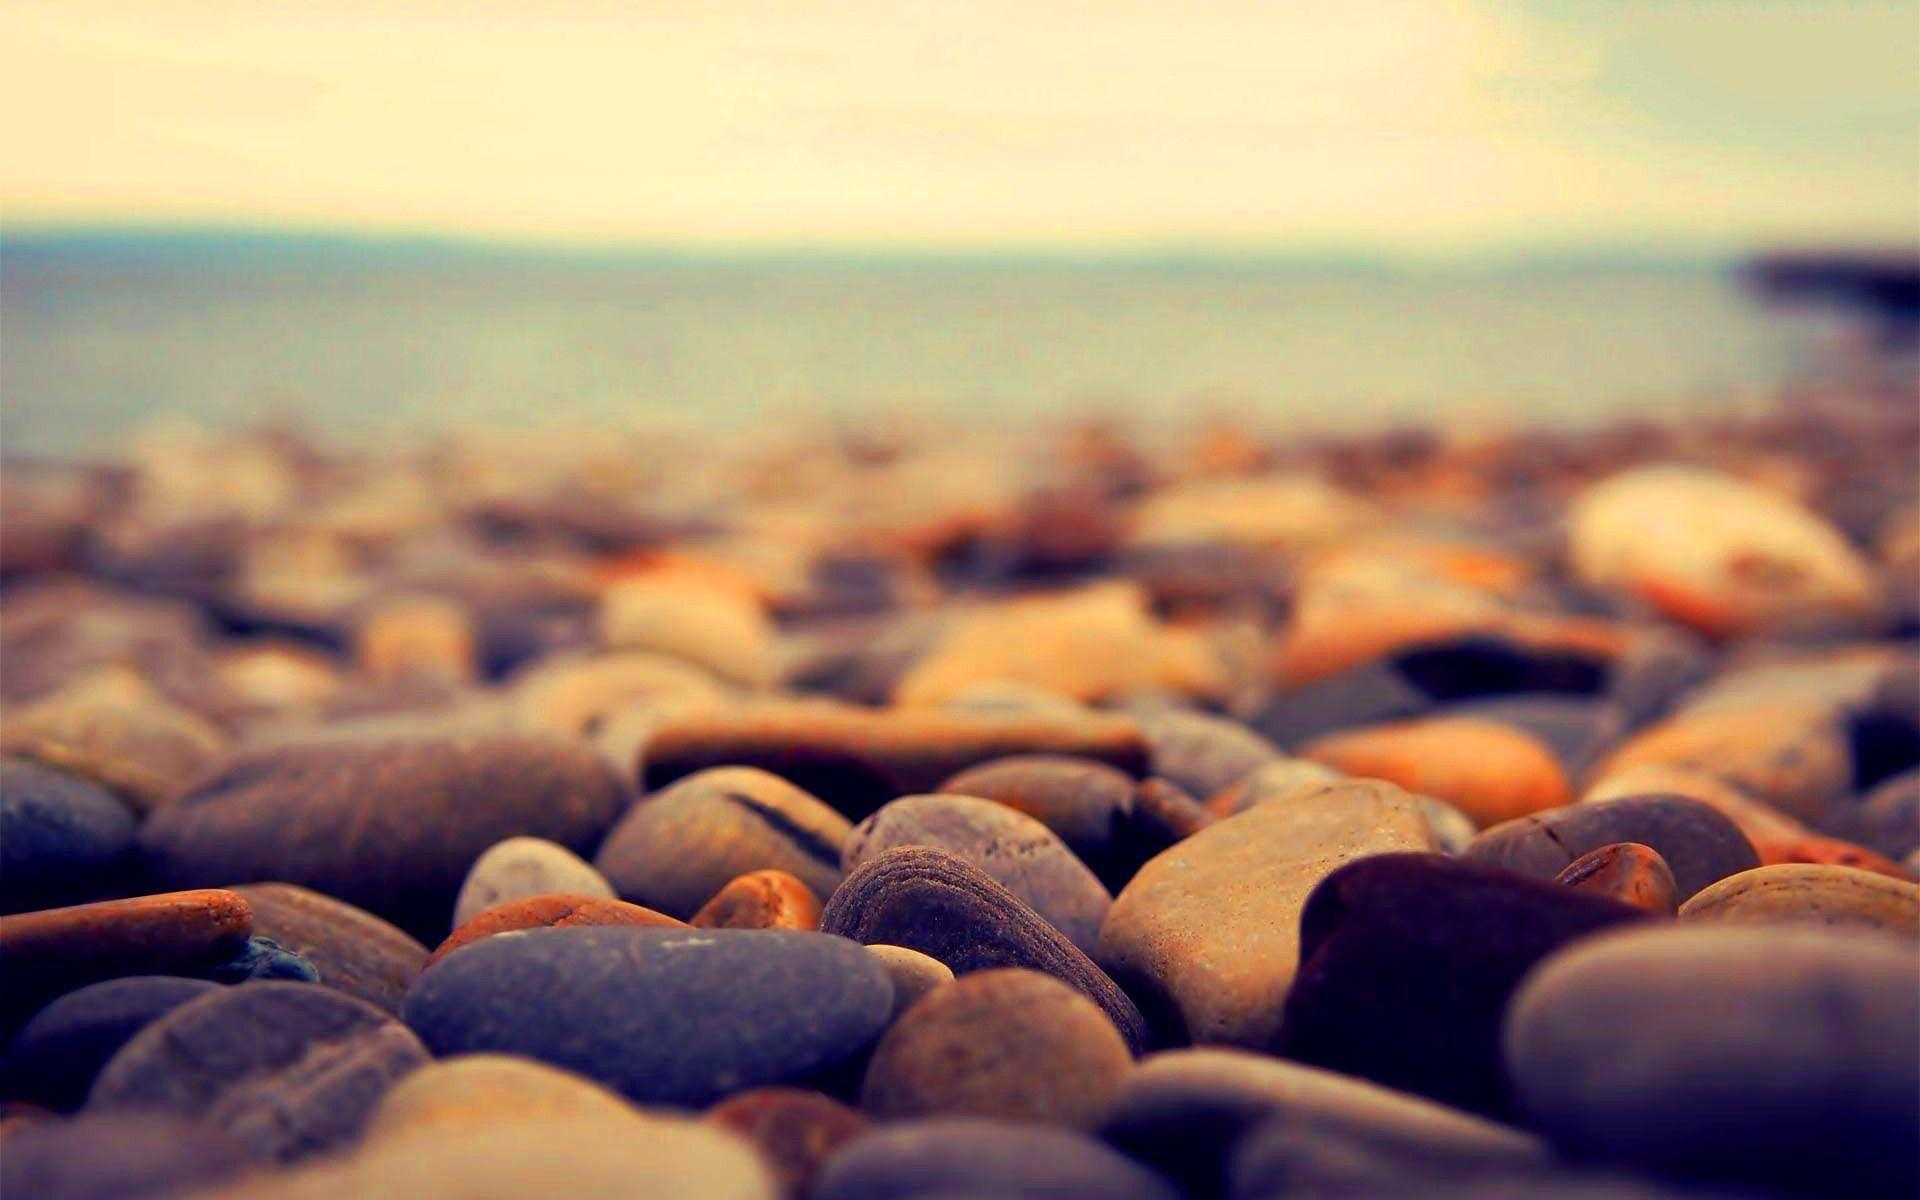 stone image hd